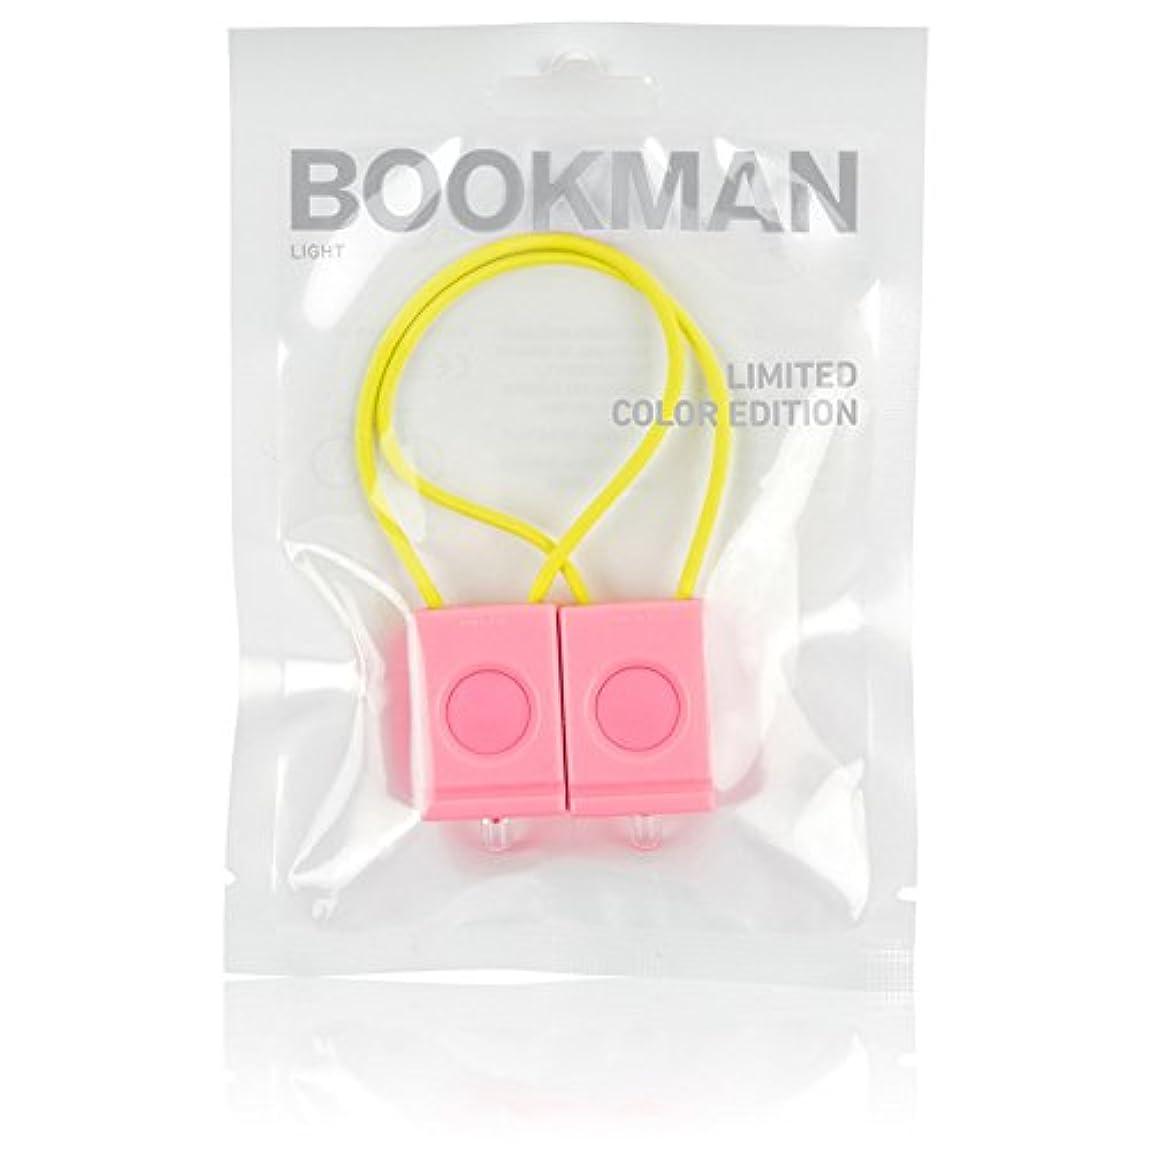 酸っぱい助けてバイバイBOOKMAN - Bookman Light 2016S/S LTD Sunset Pink 2016年春夏リミテッドカラーモデル